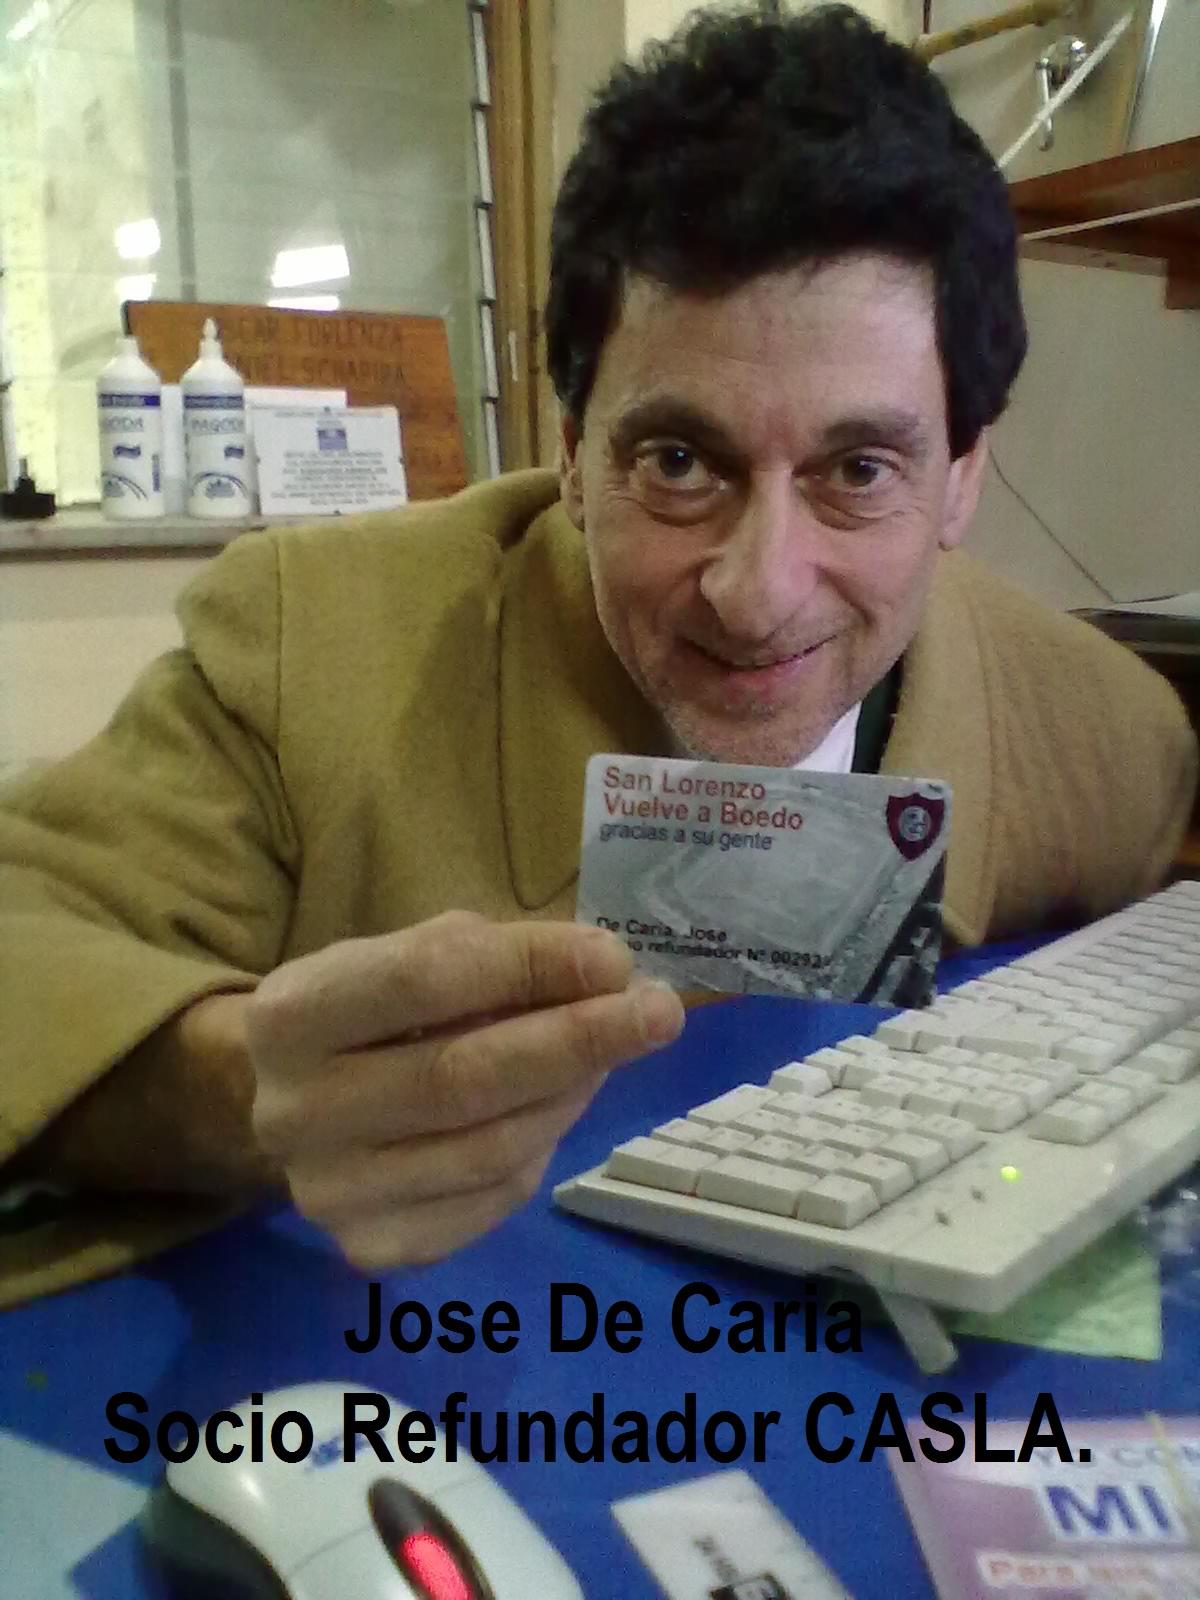 Carta de Jose De Caria- Socio Refundador